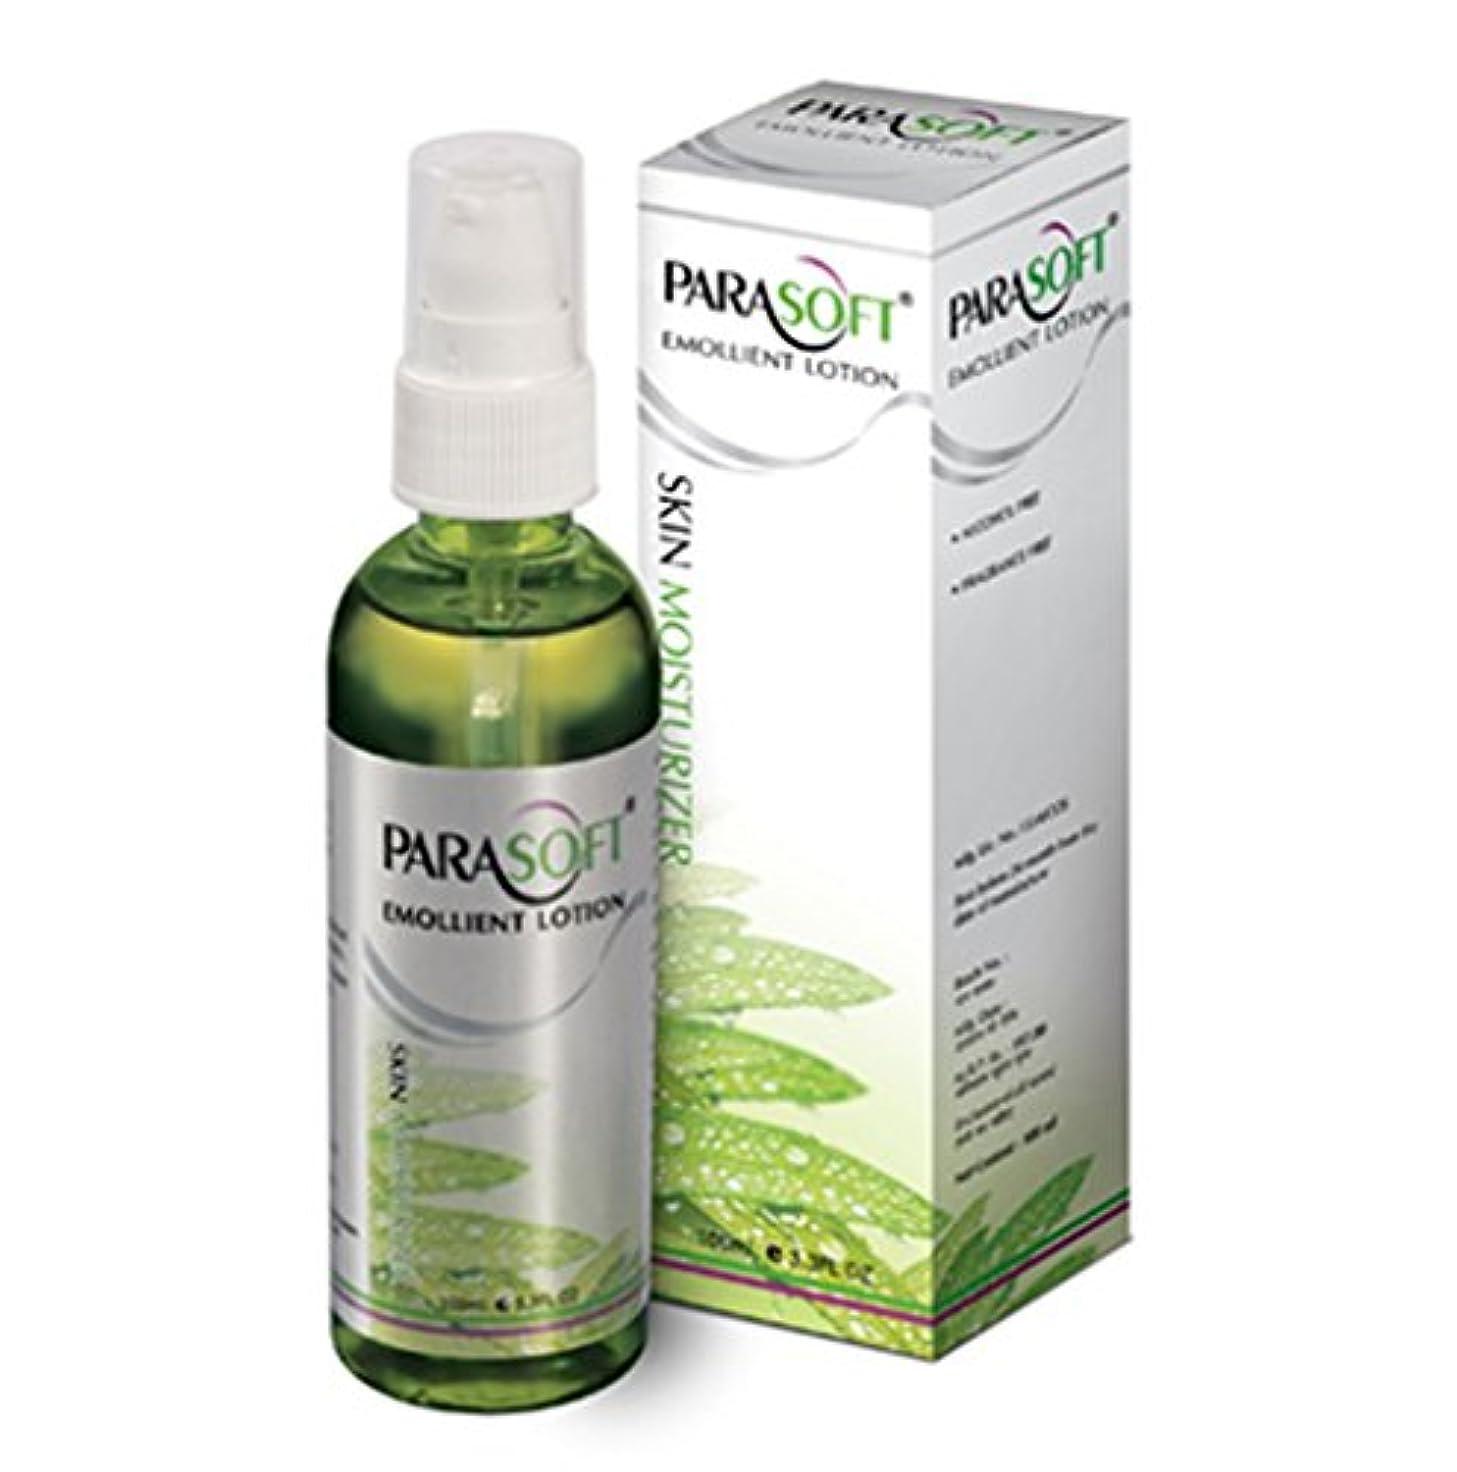 再びアグネスグレイ毛細血管Paraffin Lotion Grapeseed, Jojoba, Aloevera, Avocado, Olive Oil Dry Skin 100ml